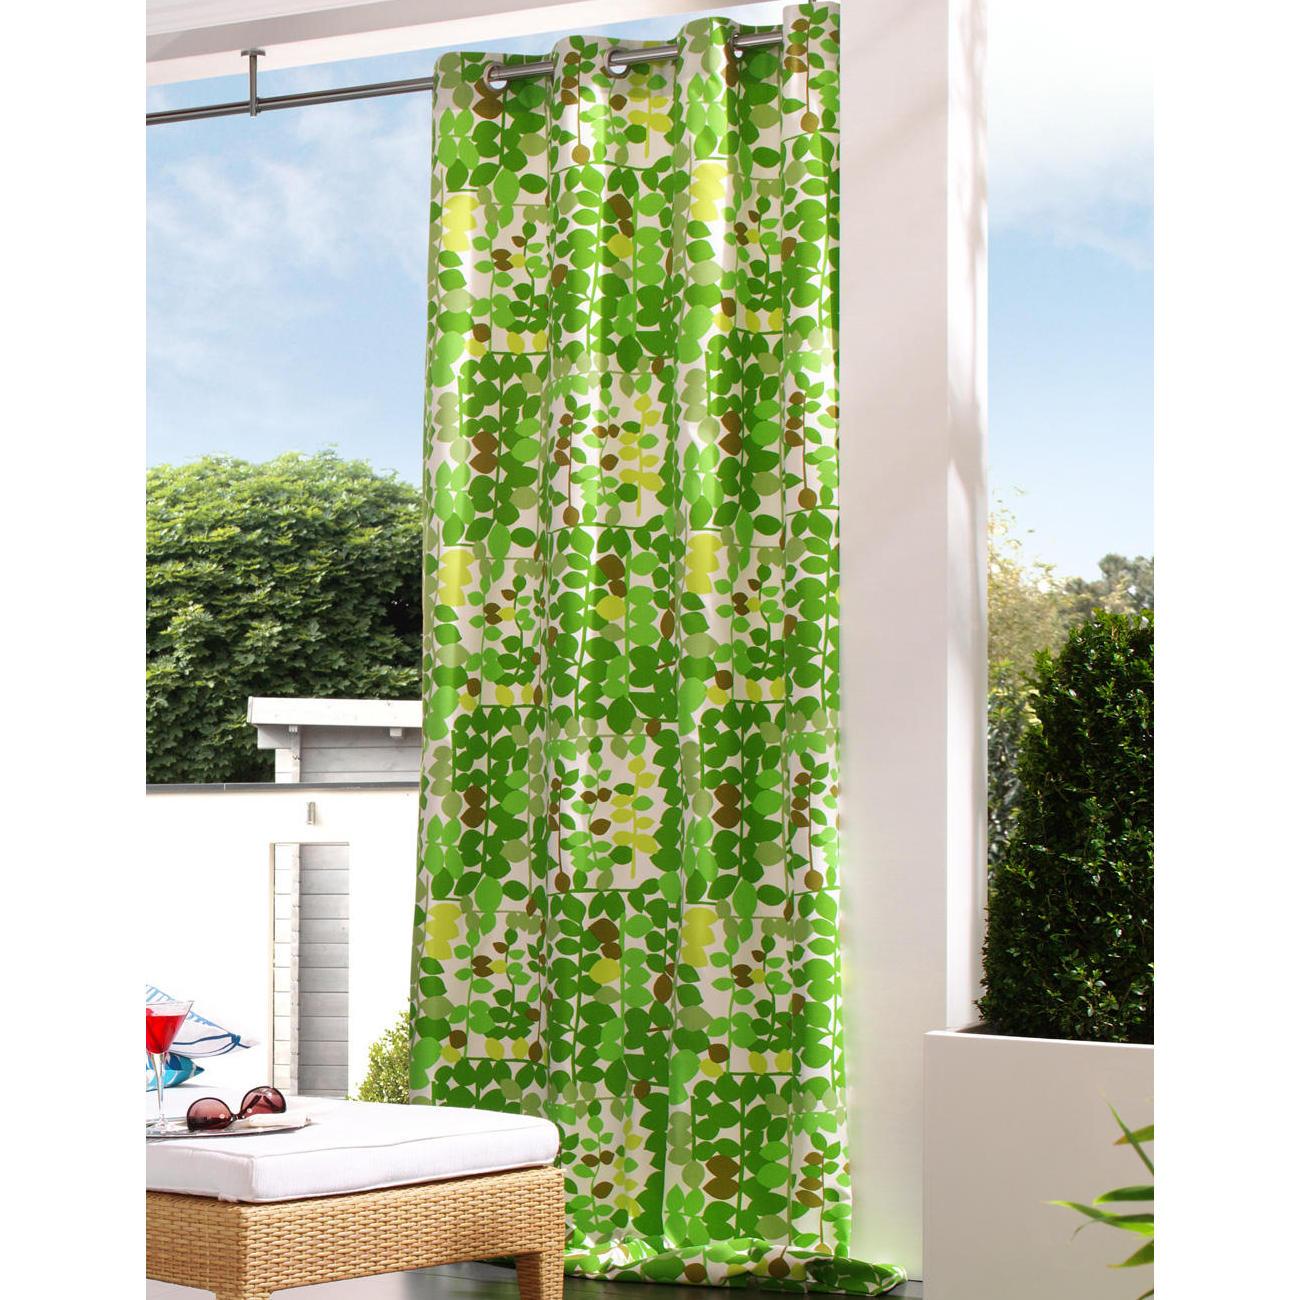 Vorhang Schallabsorbierend vorhang schallabsorbierend hubhausdesign co